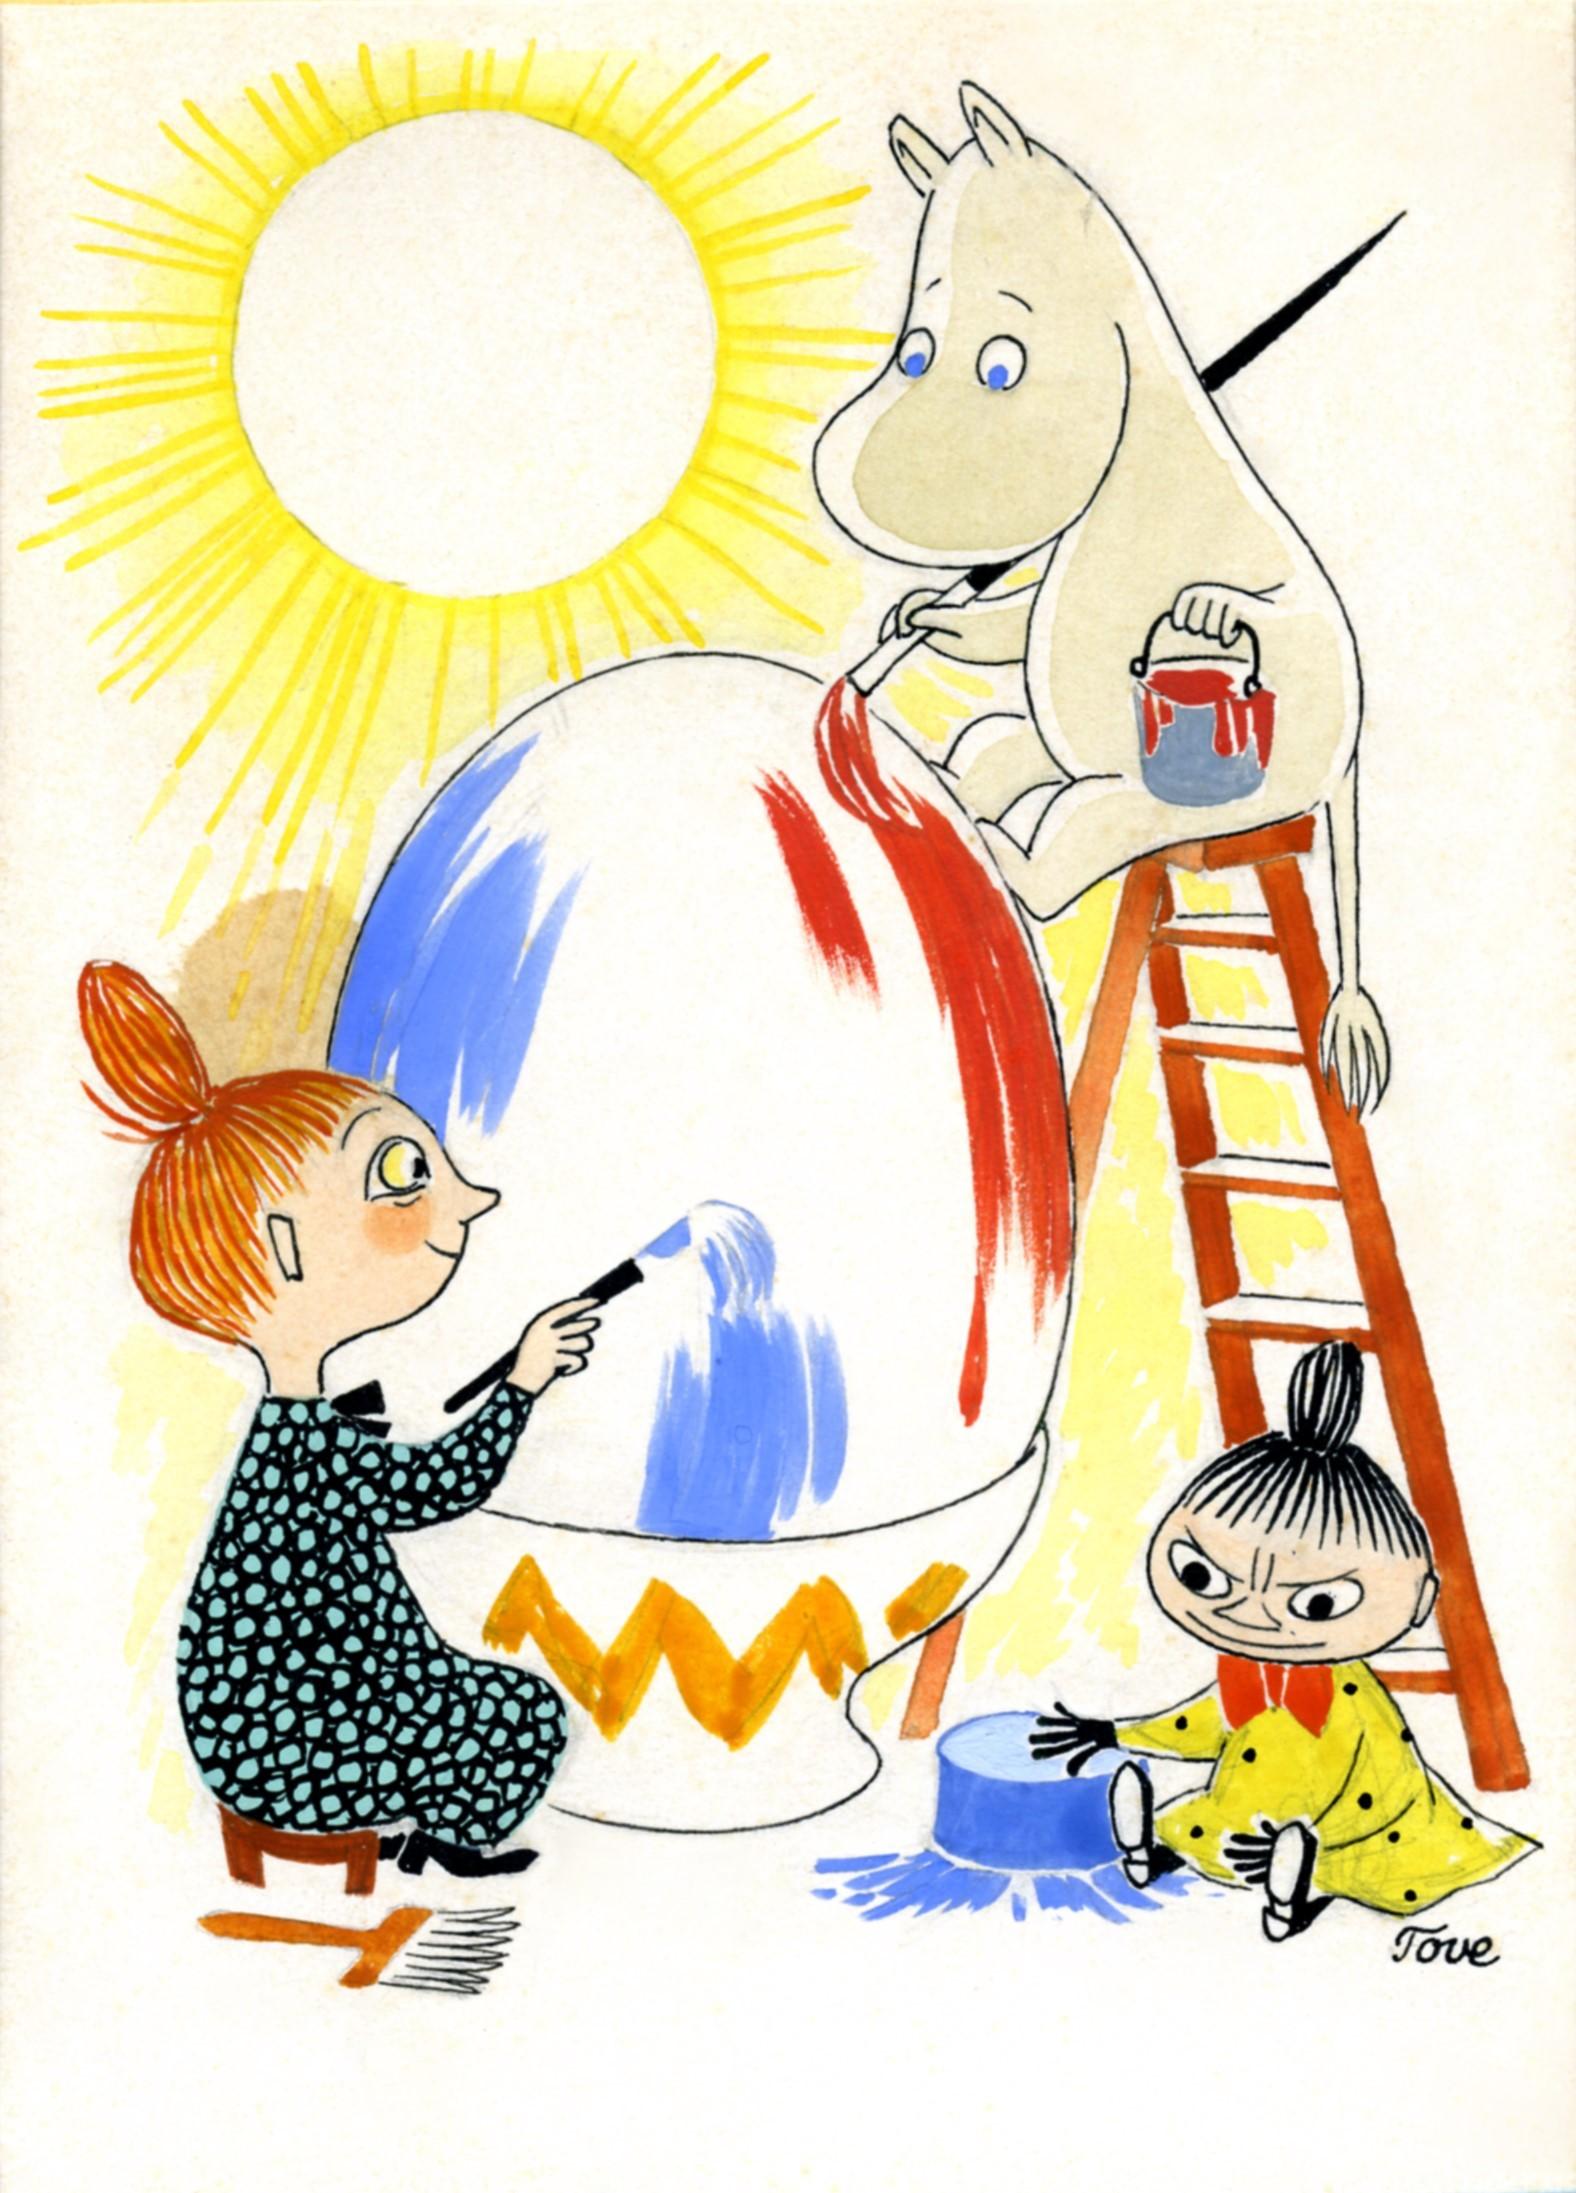 トーベ・ヤンソン≪イースターカード原画≫ 1940年頃 グワッシュ・インク・紙 ムーミンキャラクターズ社 (C)Moomin Characters TM